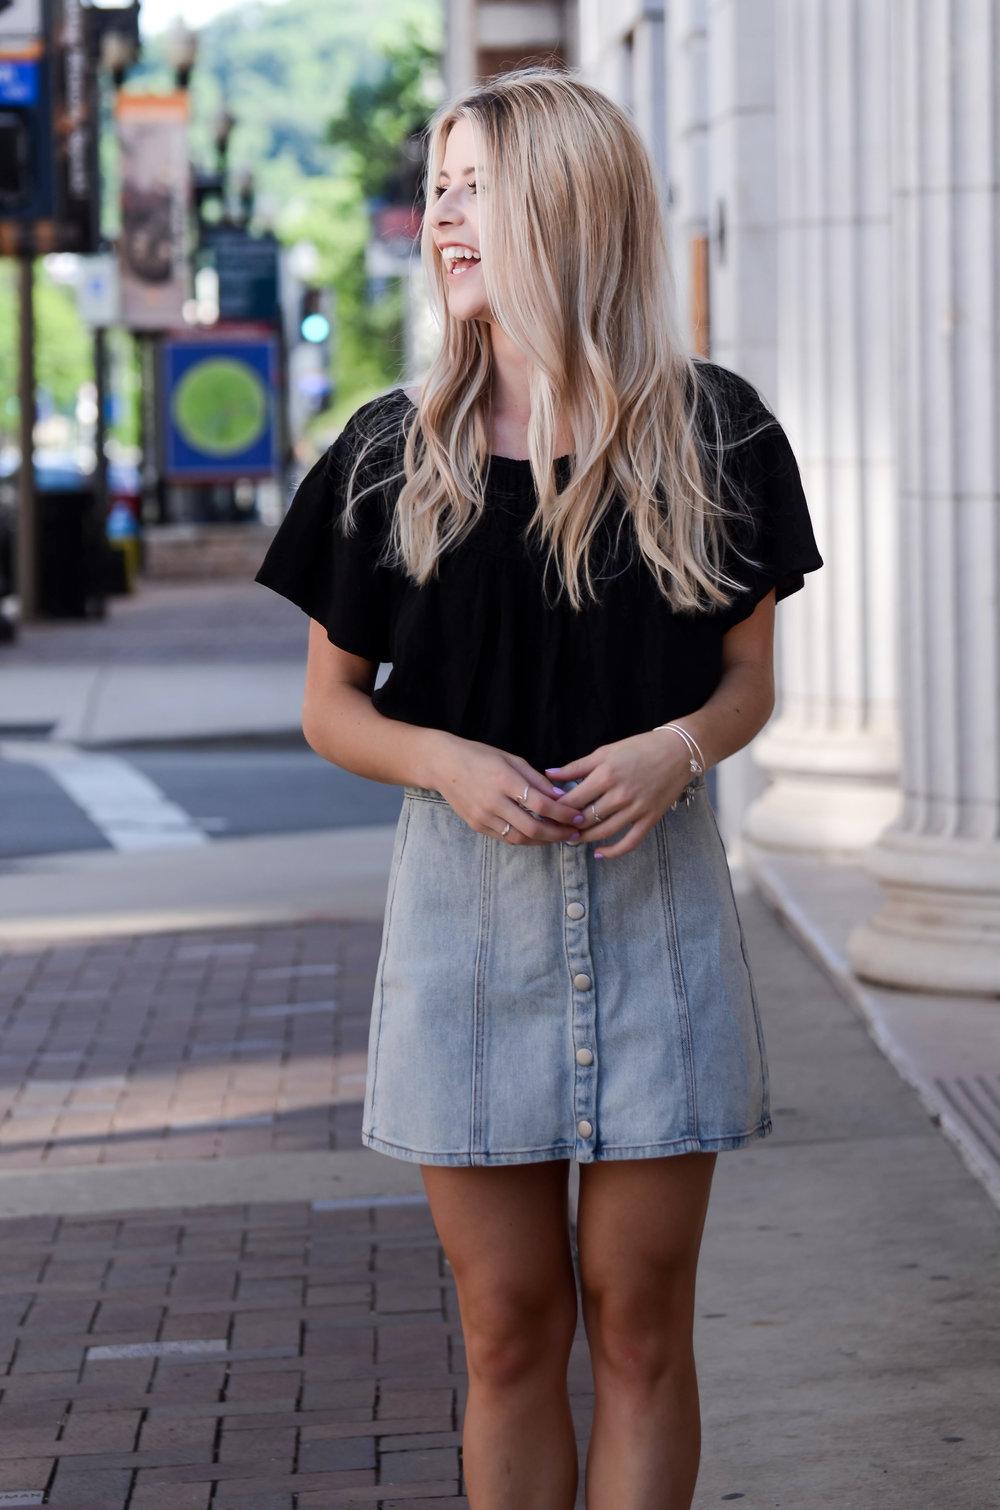 Denim Skirt Black Top-9.jpg